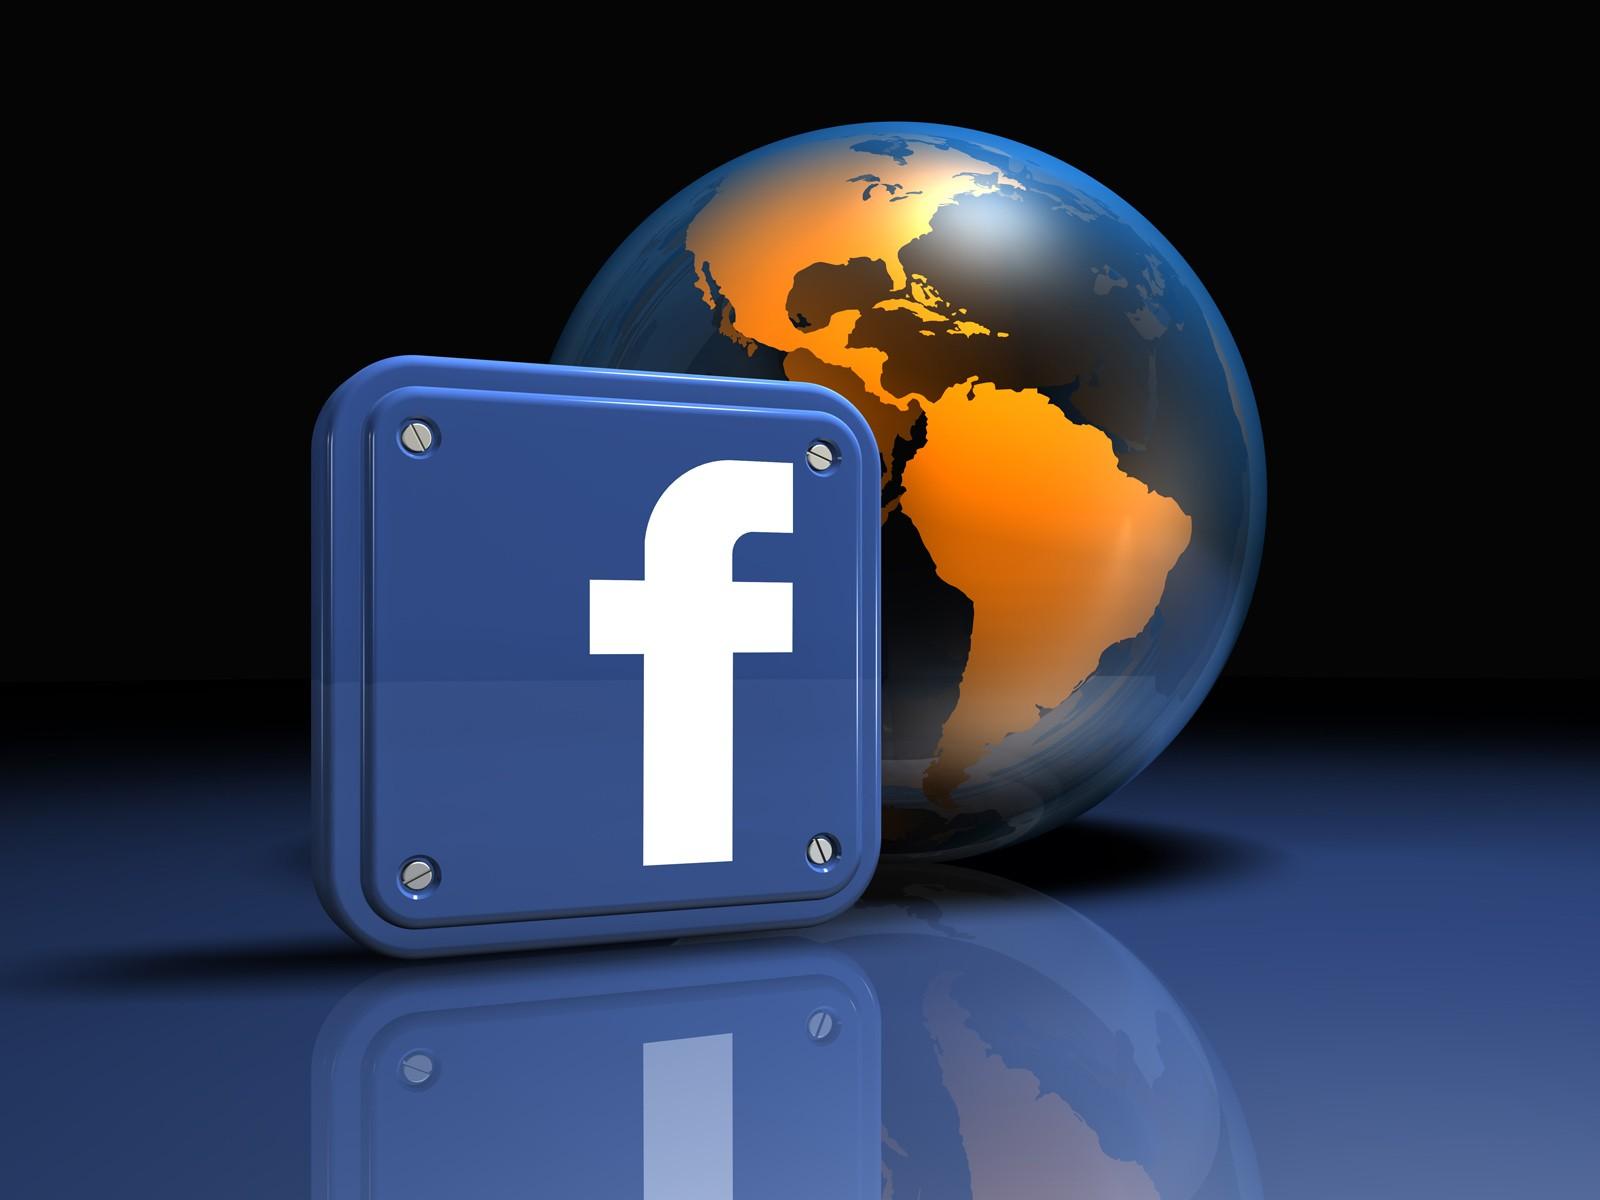 Приложение социальная сеть Facebook вышло на Самсунг Смарт TV